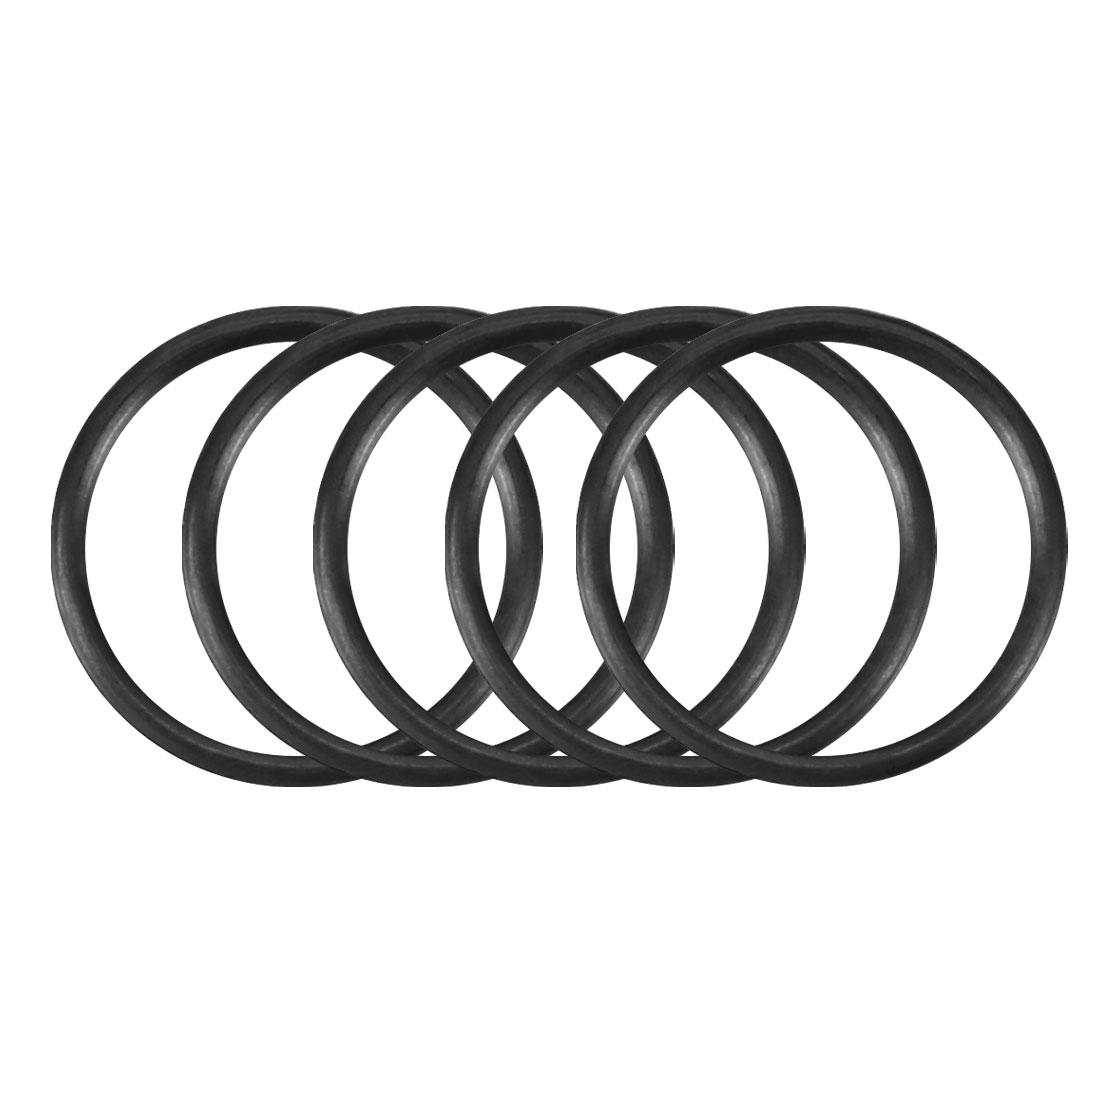 30pcs Black Nitrile Butadiene Rubber NBR O-Ring 6.8mm Inner Dia 0.6mm Width